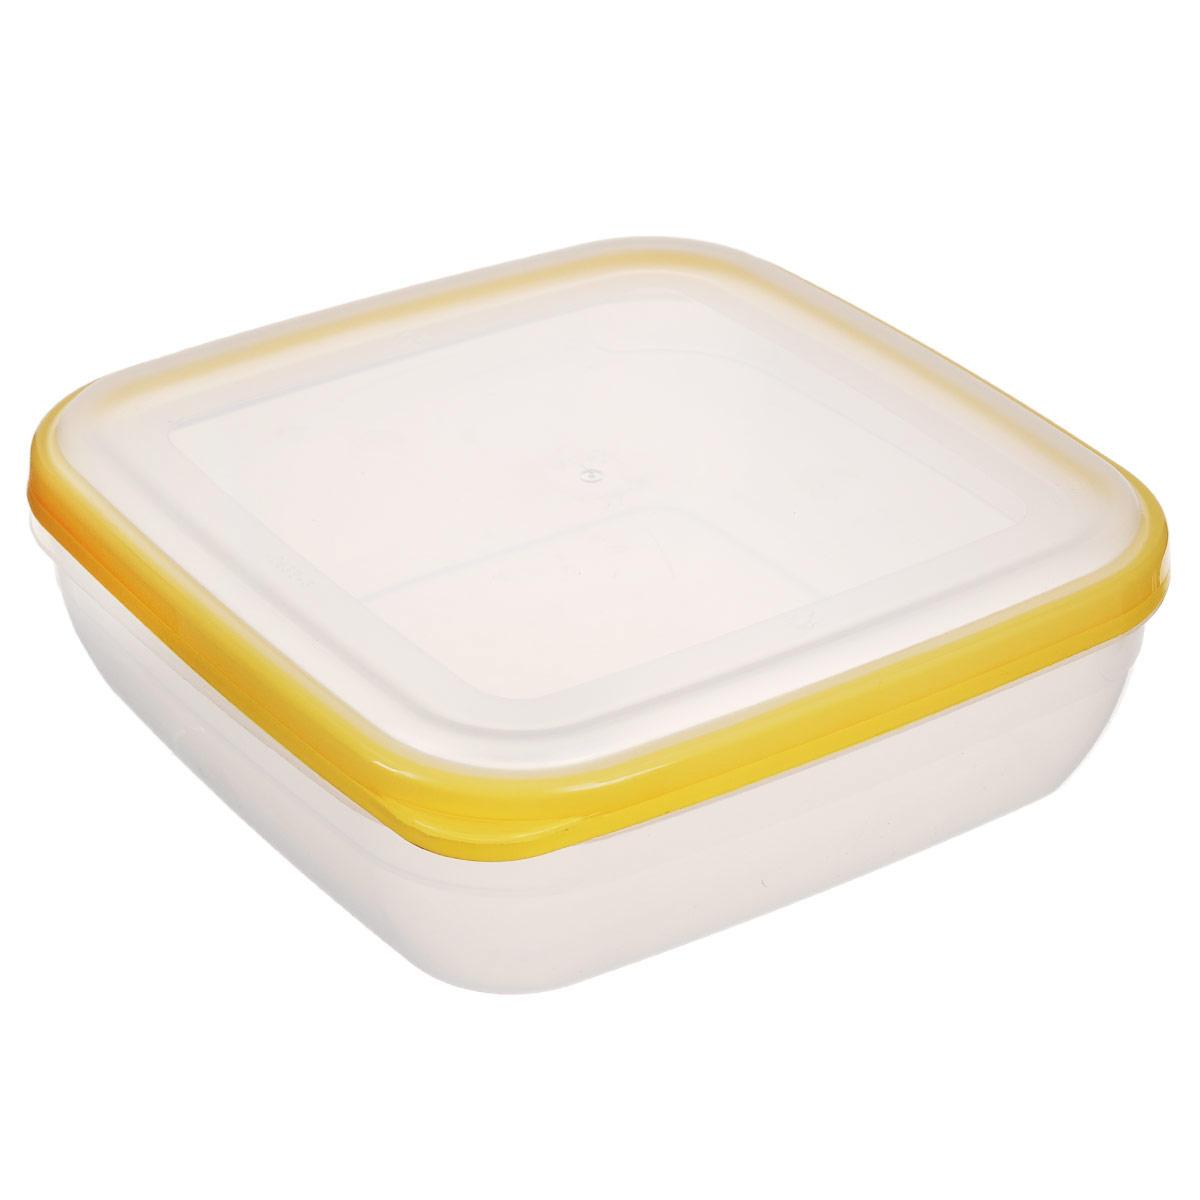 Контейнер для СВЧ Полимербыт Премиум, цвет: желтый, 1,7 лVT-1520(SR)Квадратный контейнер для СВЧ Полимербыт Премиум изготовлен из высококачественного прочного пластика, устойчивого к высоким температурам (до +110°С). Крышка плотно и герметично закрывается, дольше сохраняя продукты свежими и вкусными. Контейнер идеально подходит для хранения пищи, его удобно брать с собой на работу, учебу, пикник или просто использовать для хранения продуктов в холодильнике.Подходит для разогрева пищи в микроволновой печи и для заморозки в морозильной камере (при минимальной температуре -40°С). Можно мыть в посудомоечной машине.